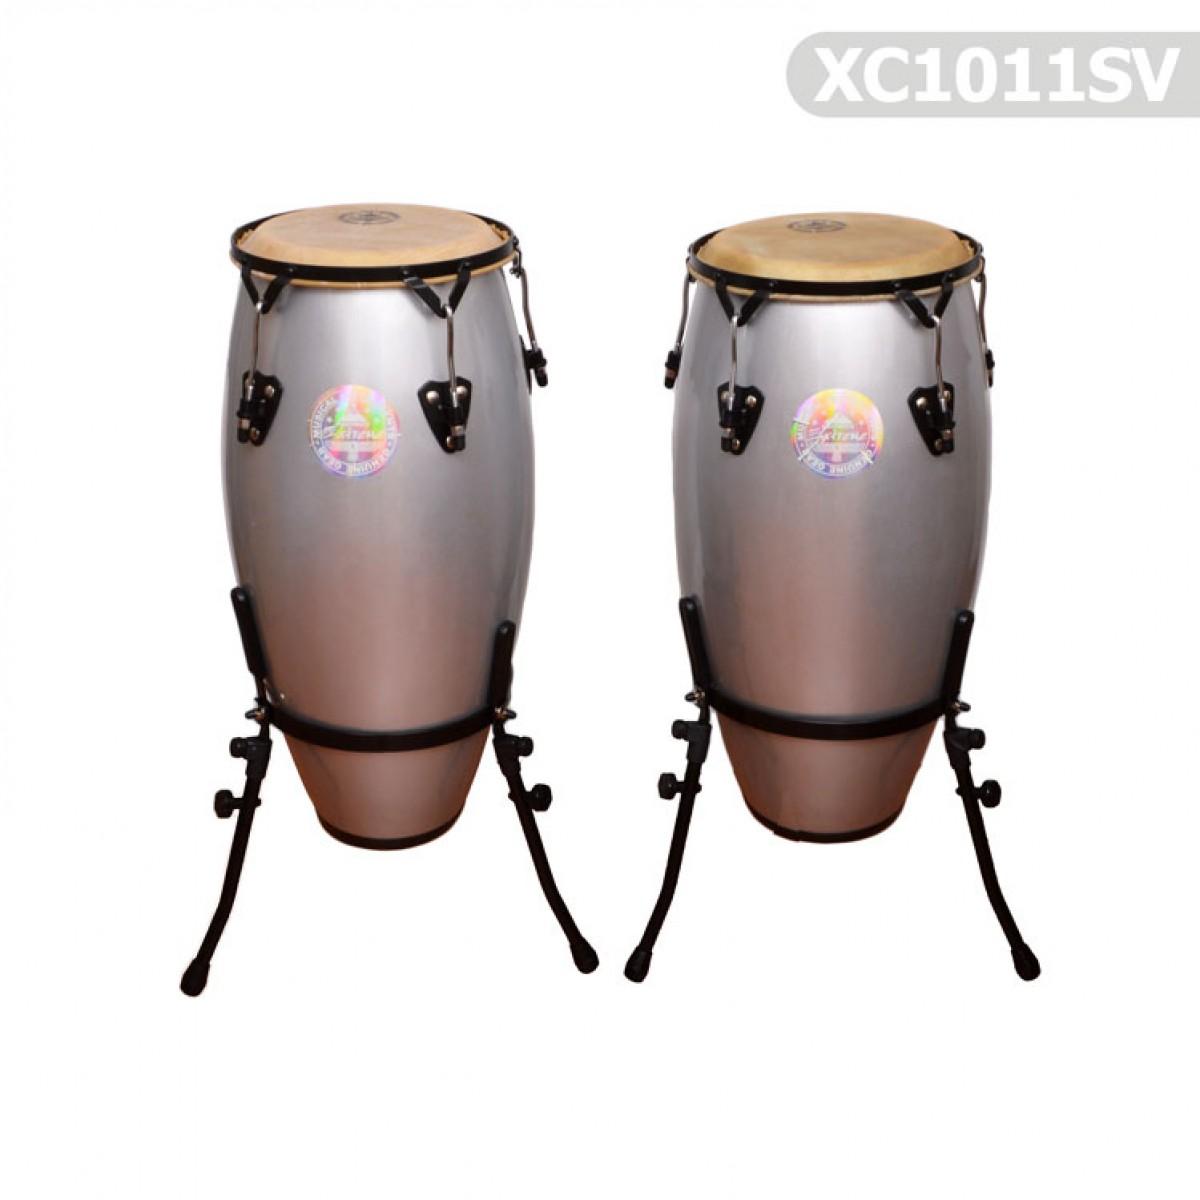 Tumba Büyük Tam Takım Gümüş XC1011SV